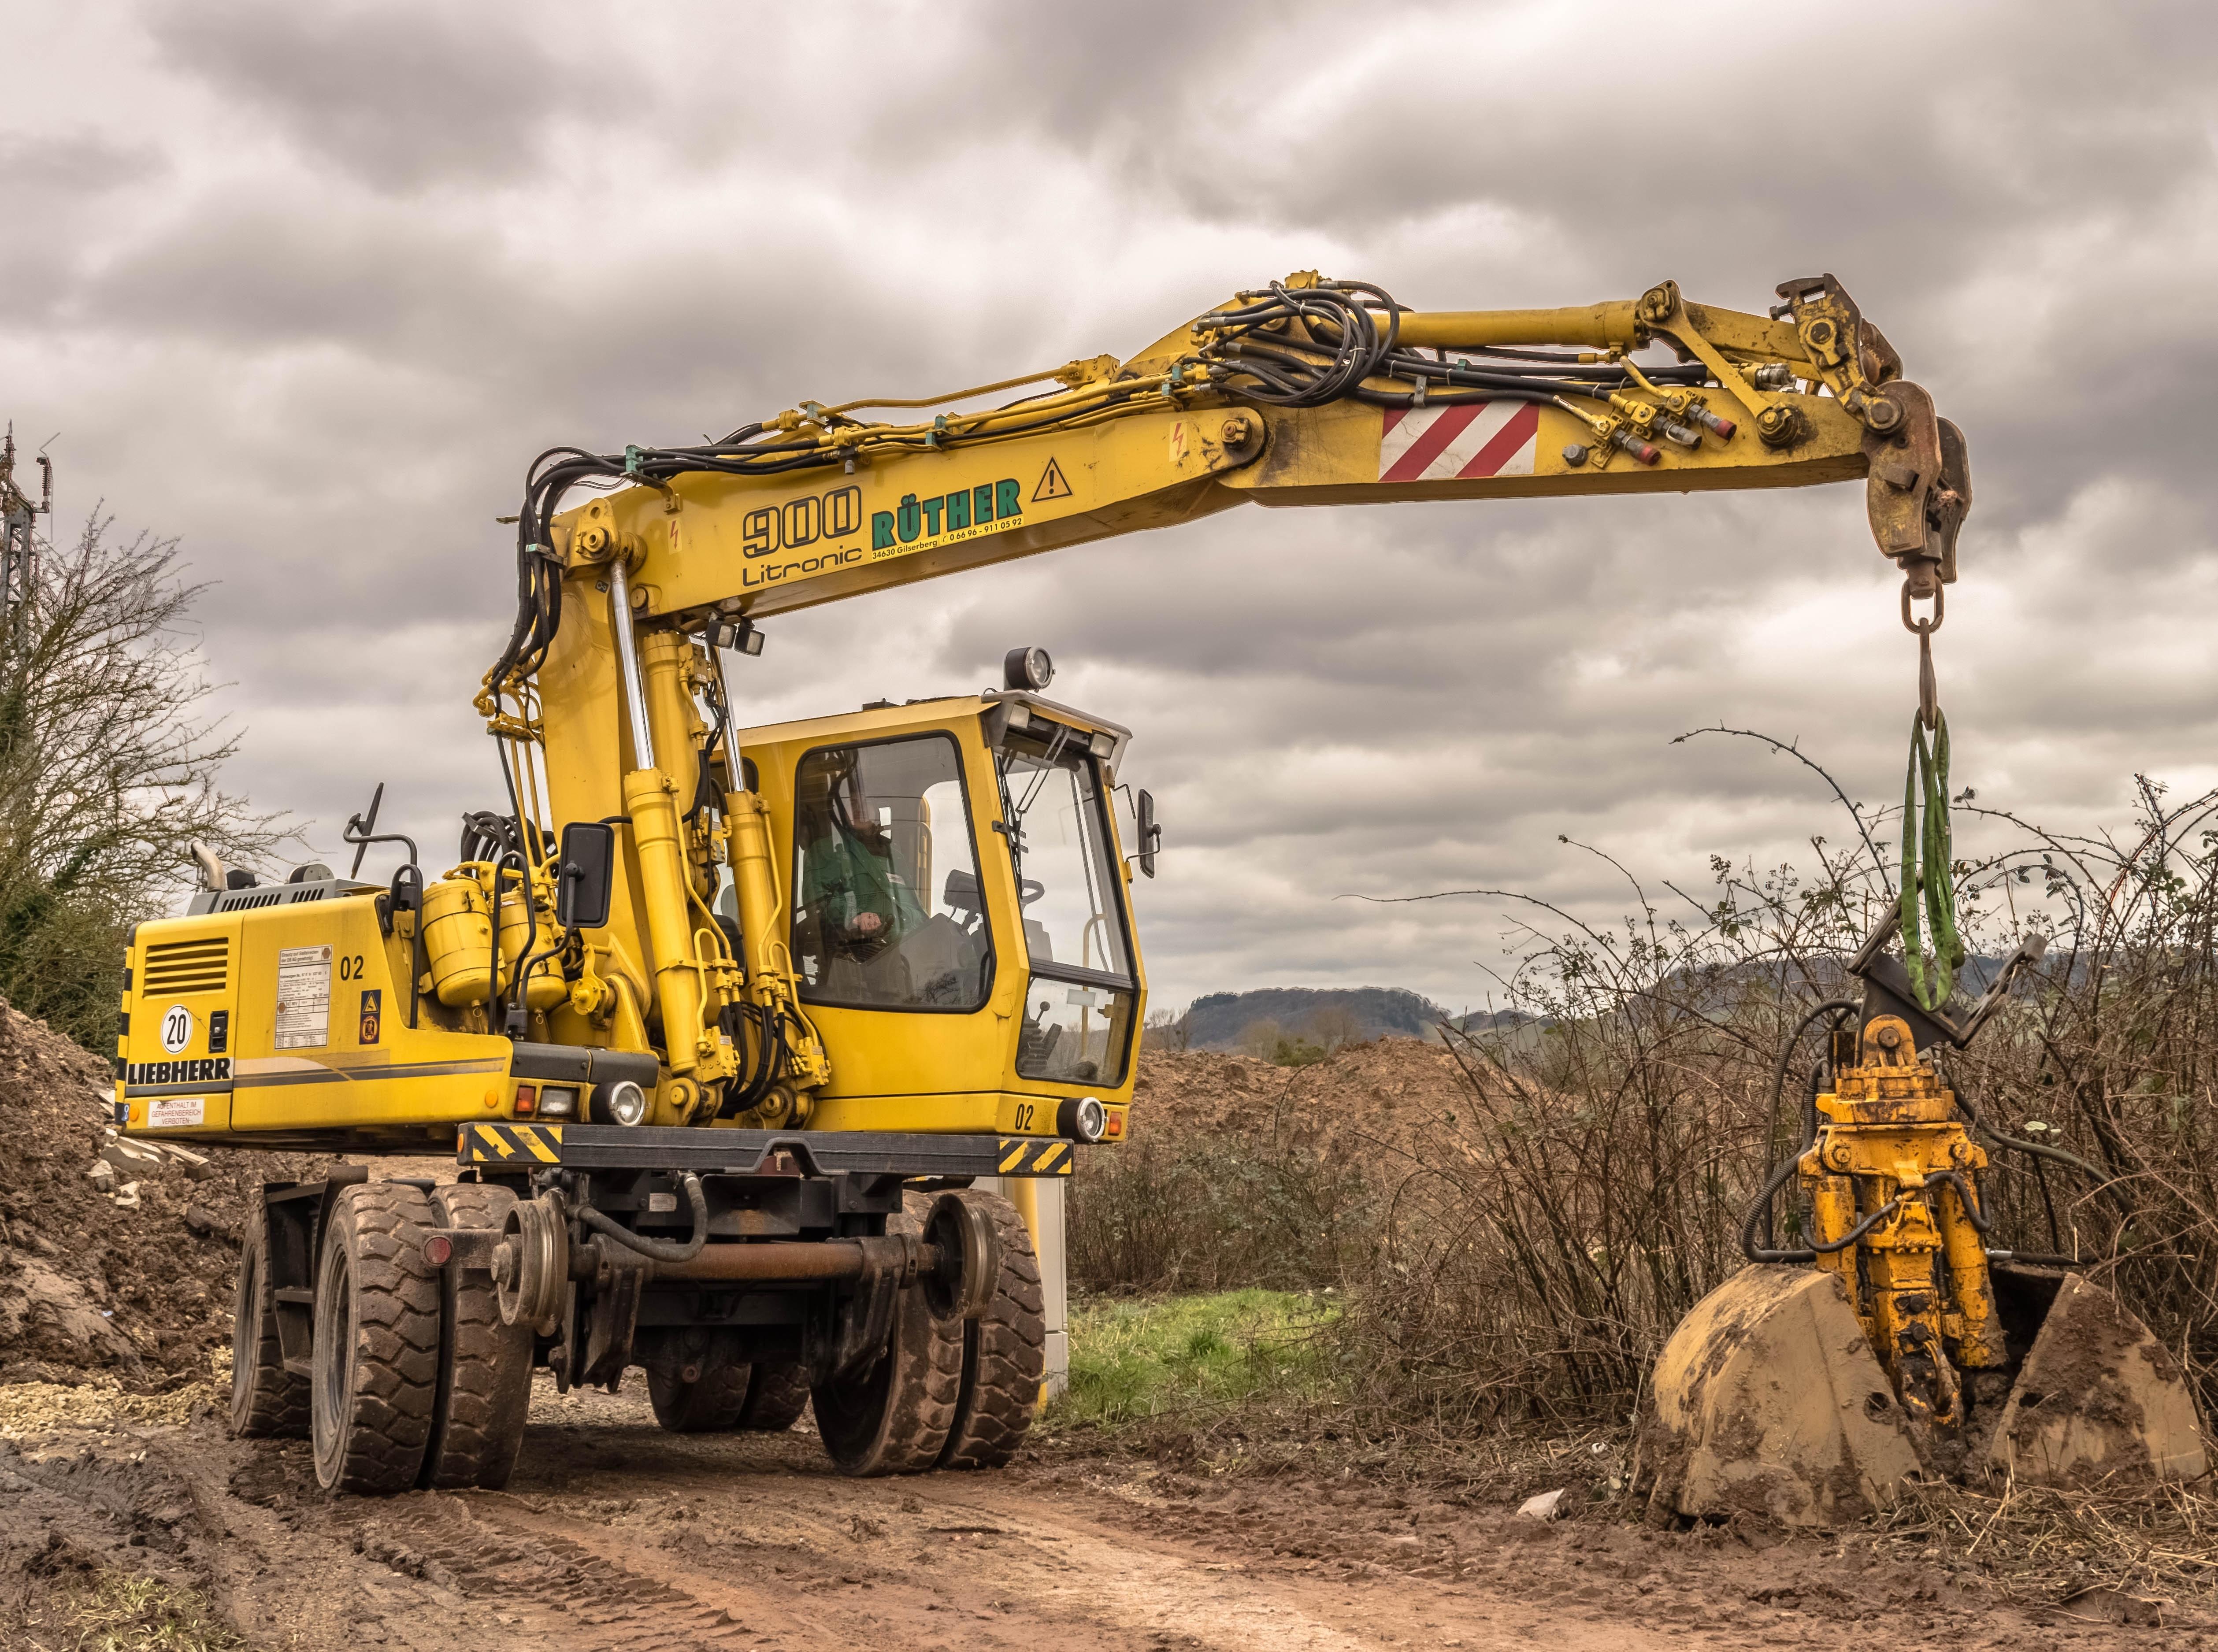 Yellow Excavator · Free Stock Photo